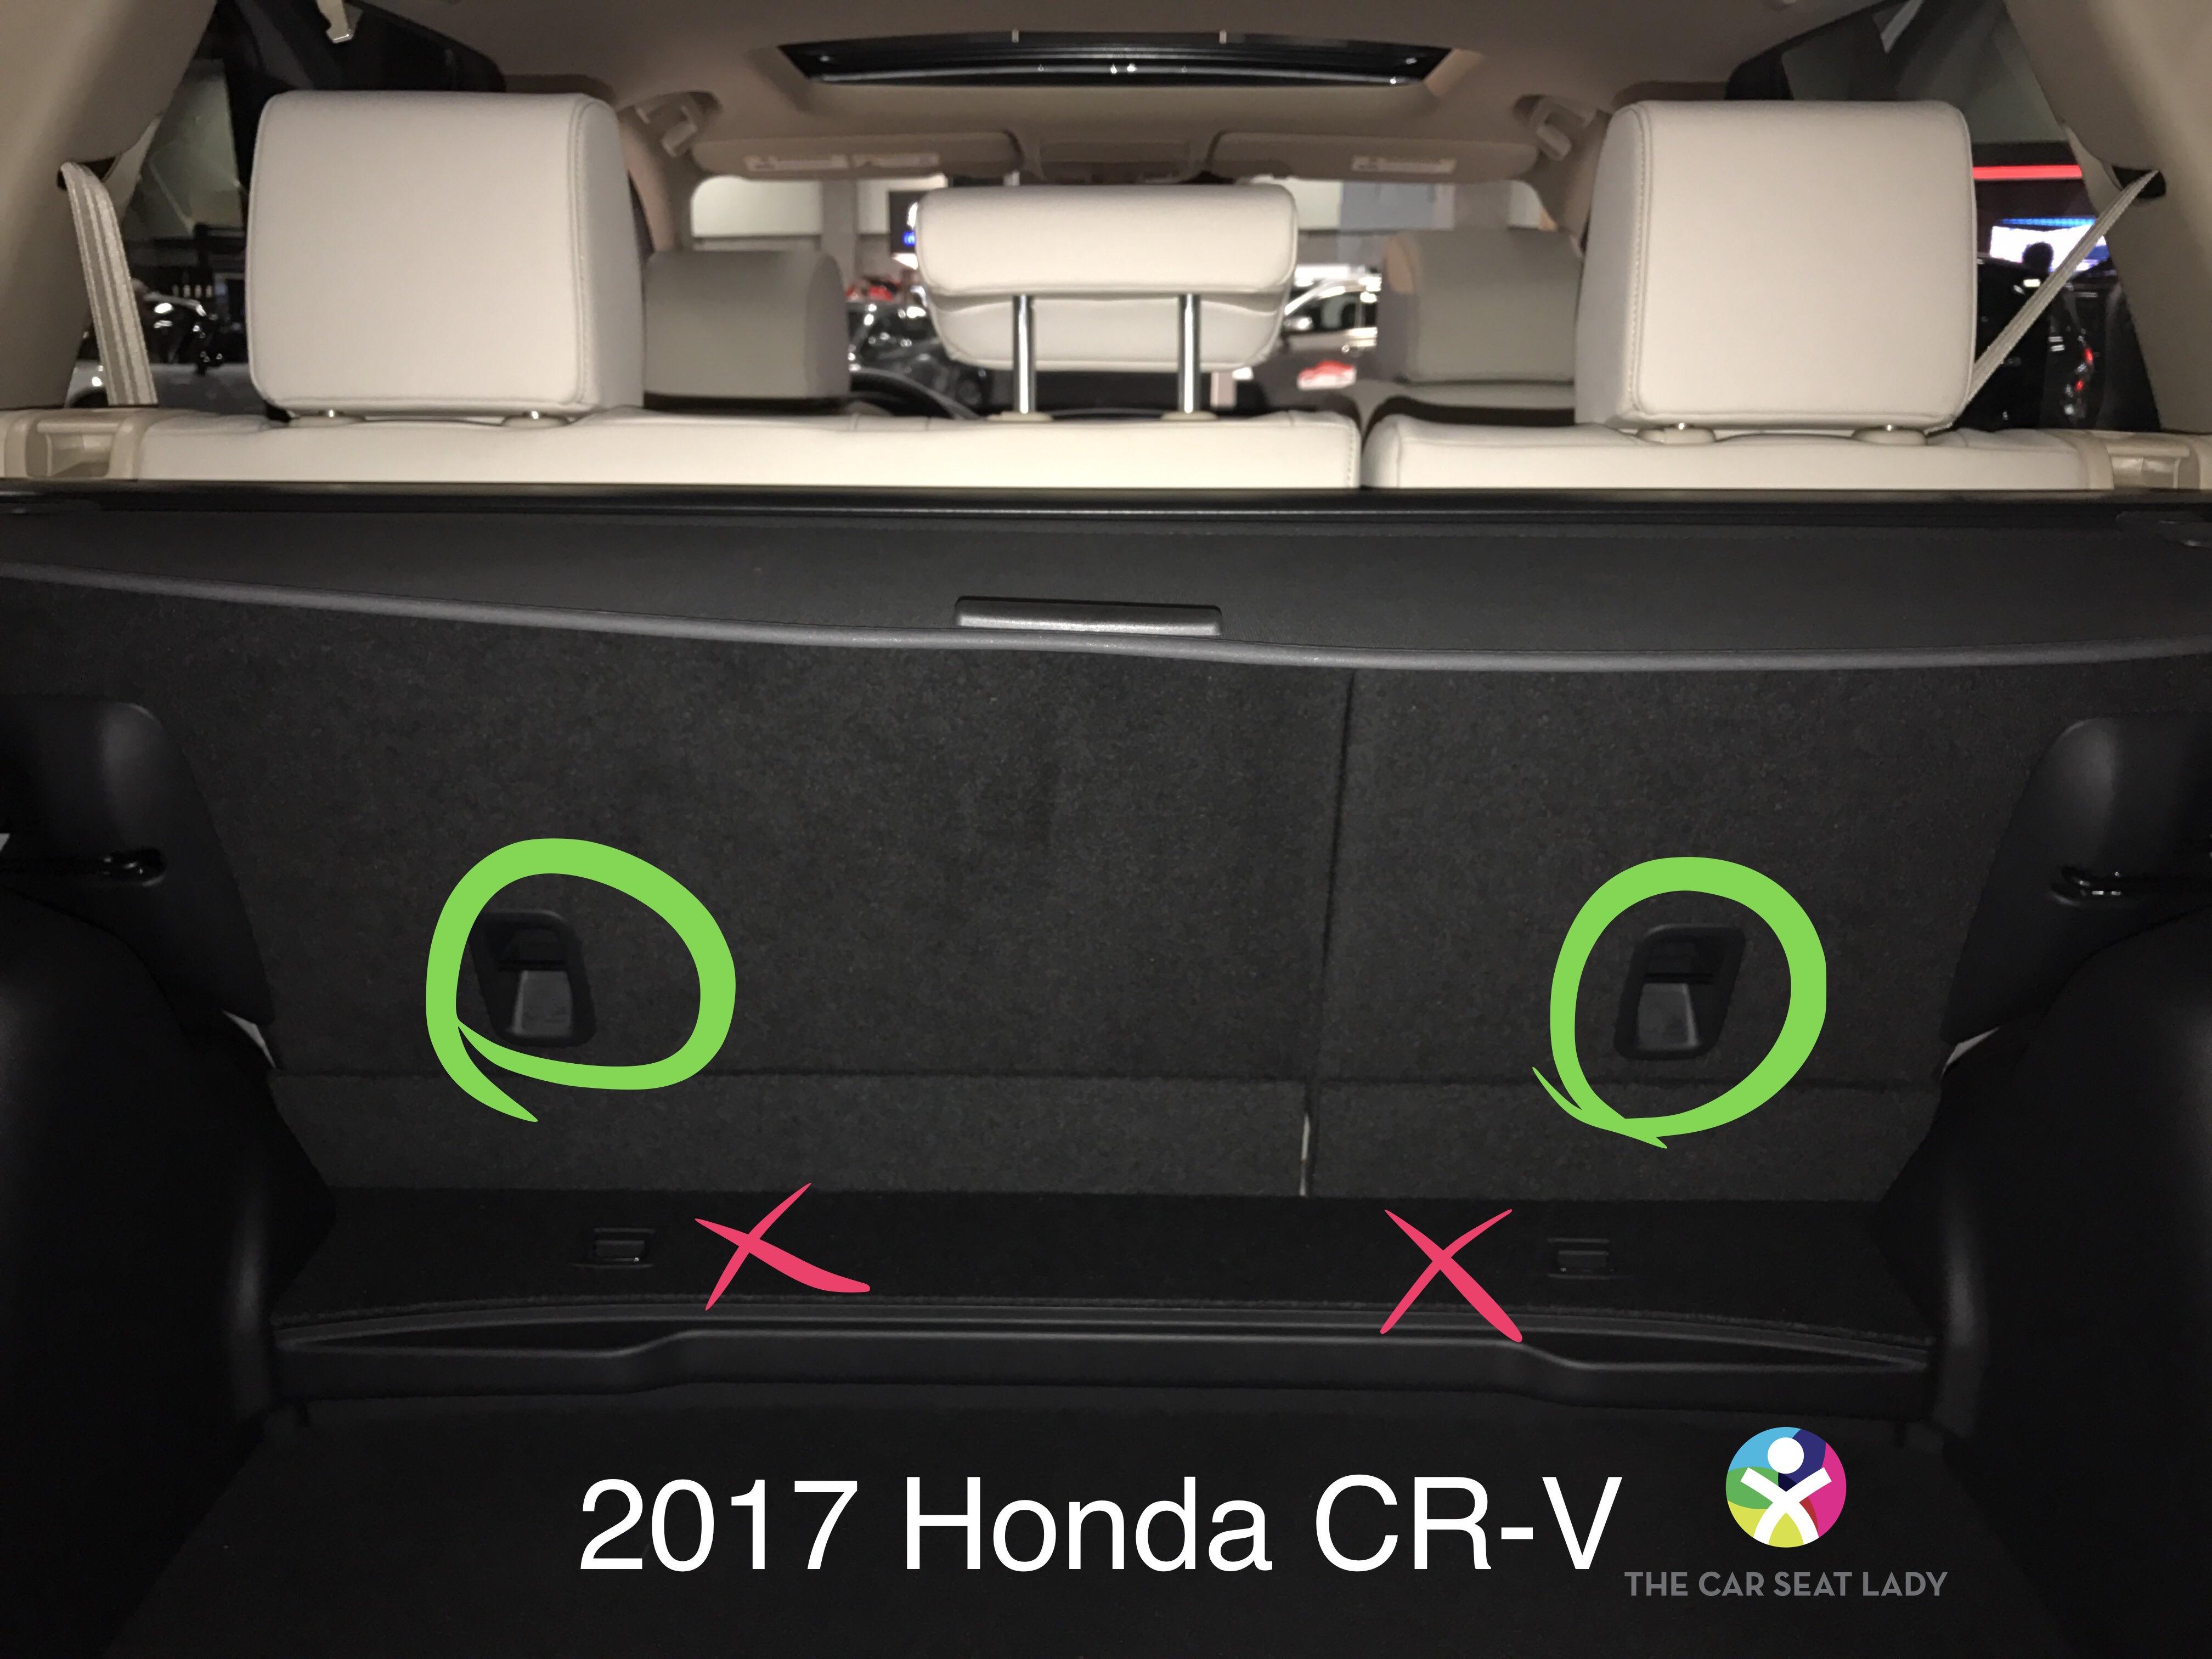 The Car Seat Lady – Honda CR-V